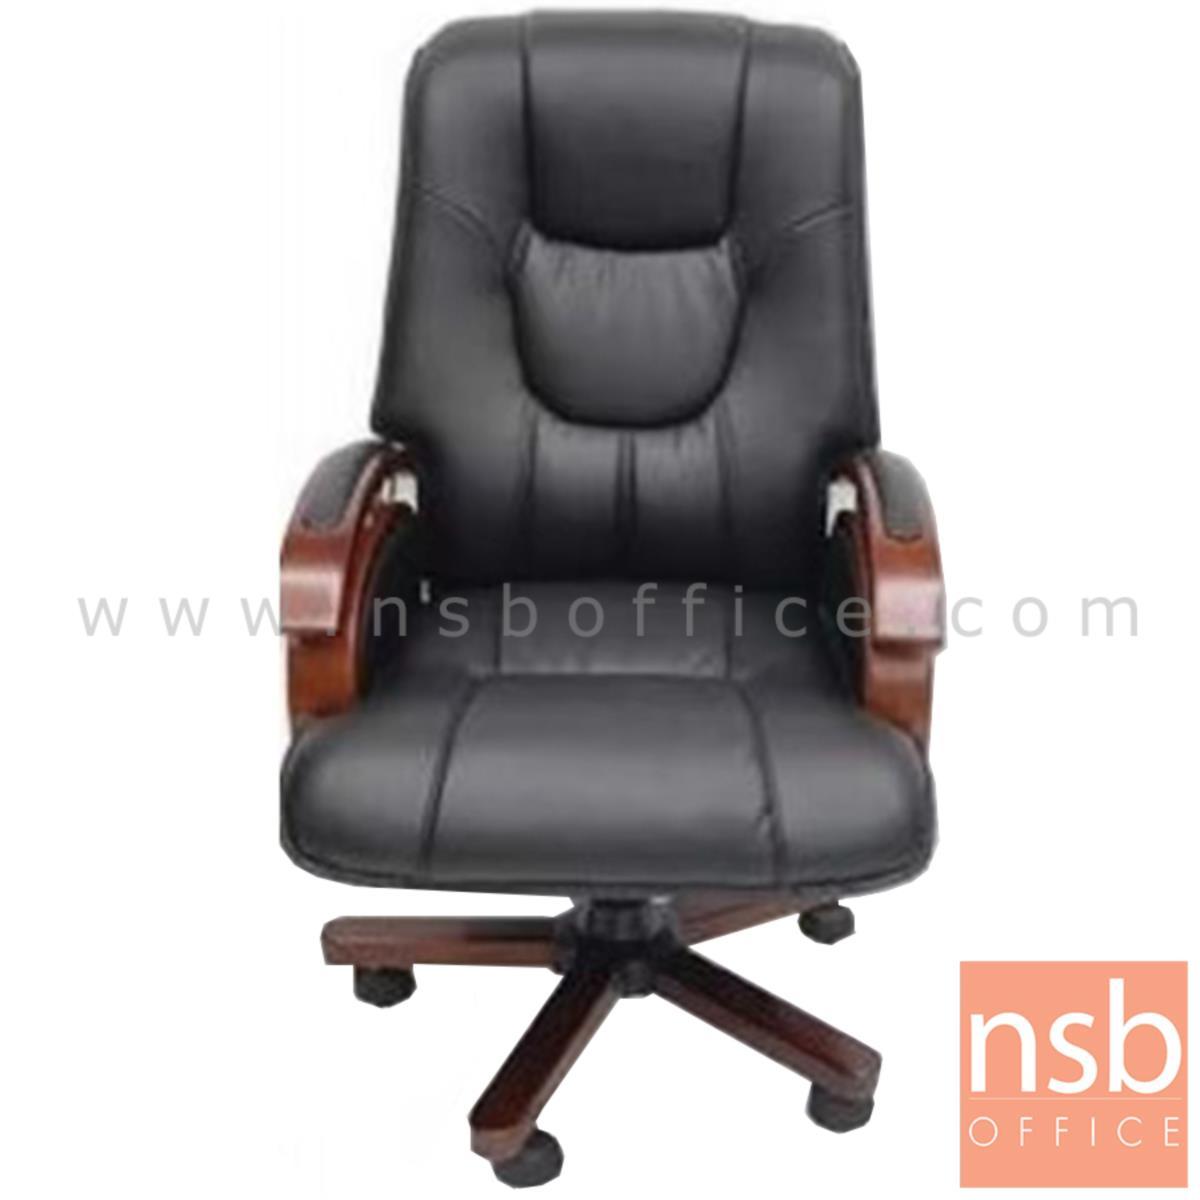 เก้าอี้ผู้บริหารหนังเทียม  รุ่น Redfield (เรดฟีลด์)  โช๊คแก๊ส ขาไม้